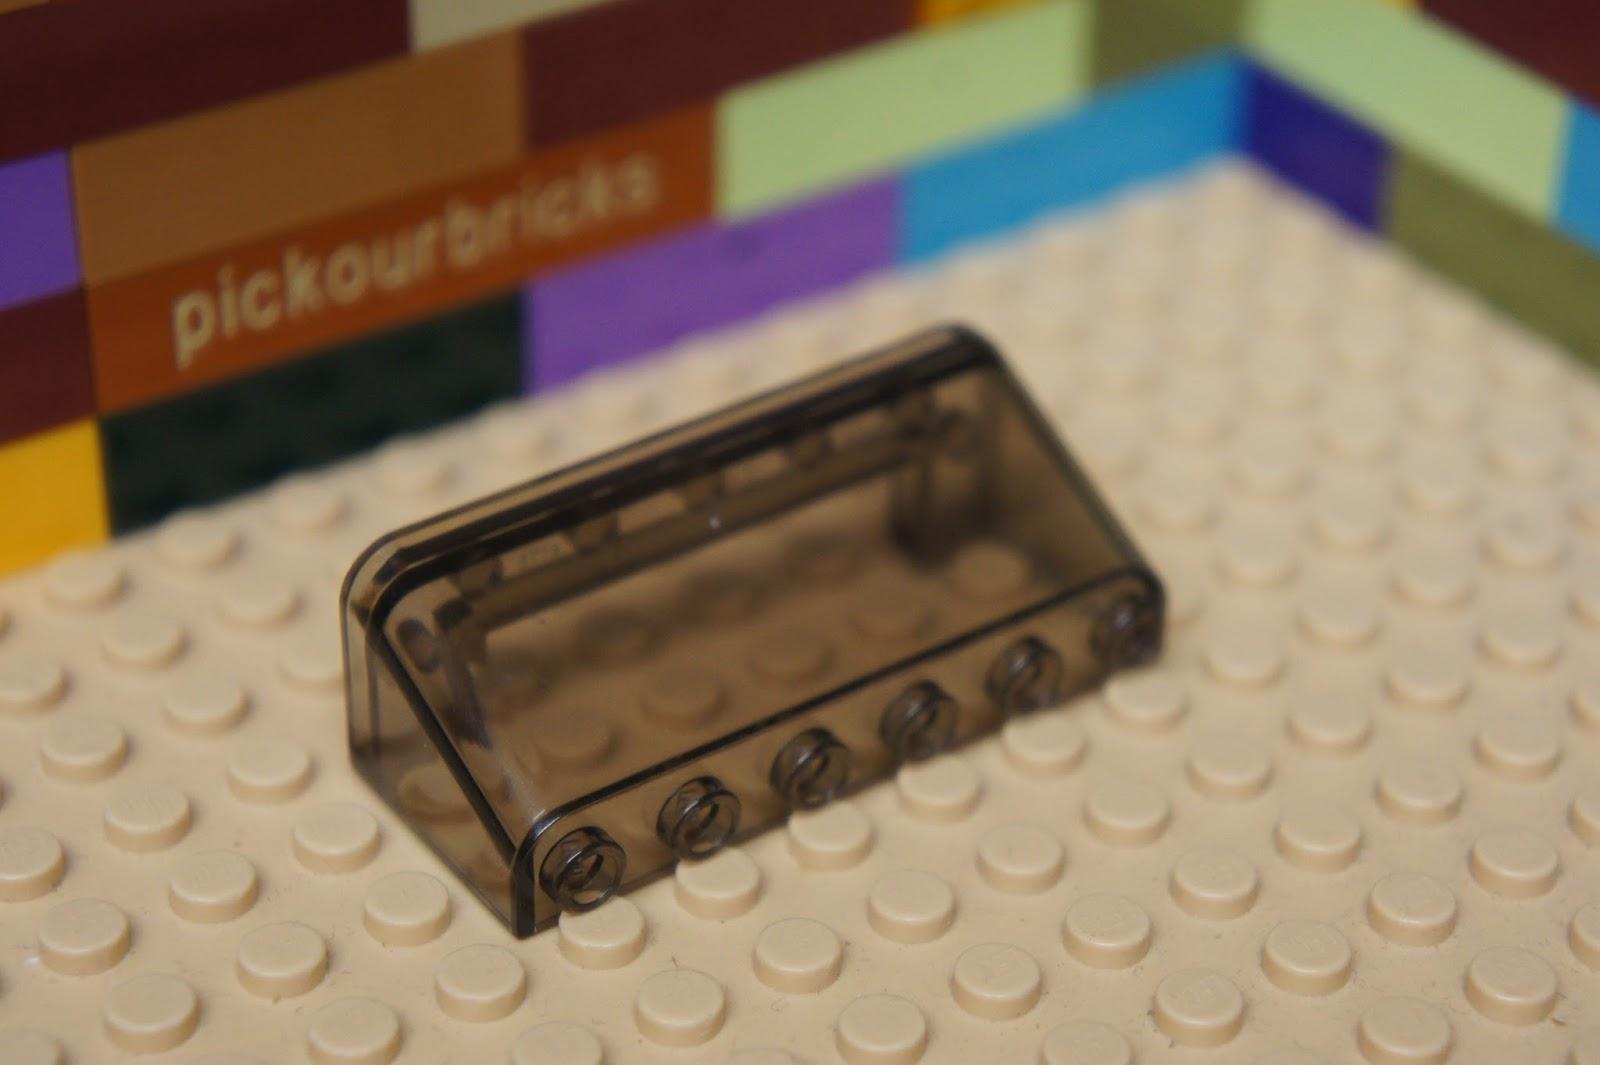 LEGO NEW 3x6x1 Transparent Black Windscreen Curved 2x 6074885 Brick 35298